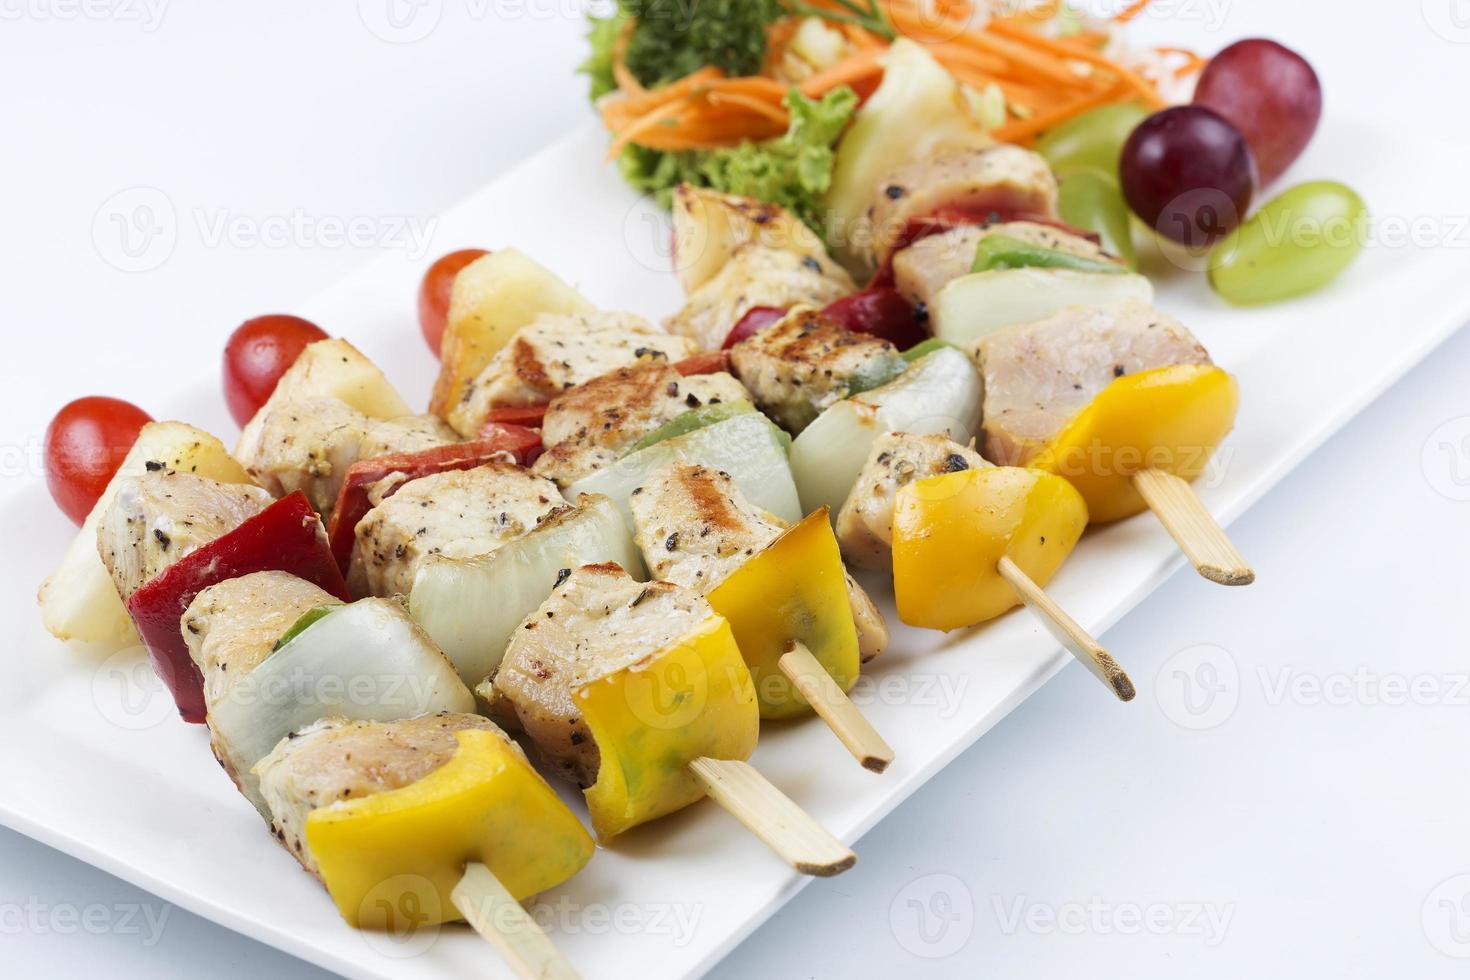 Grill Schweinefleisch Grill und Gemüse foto